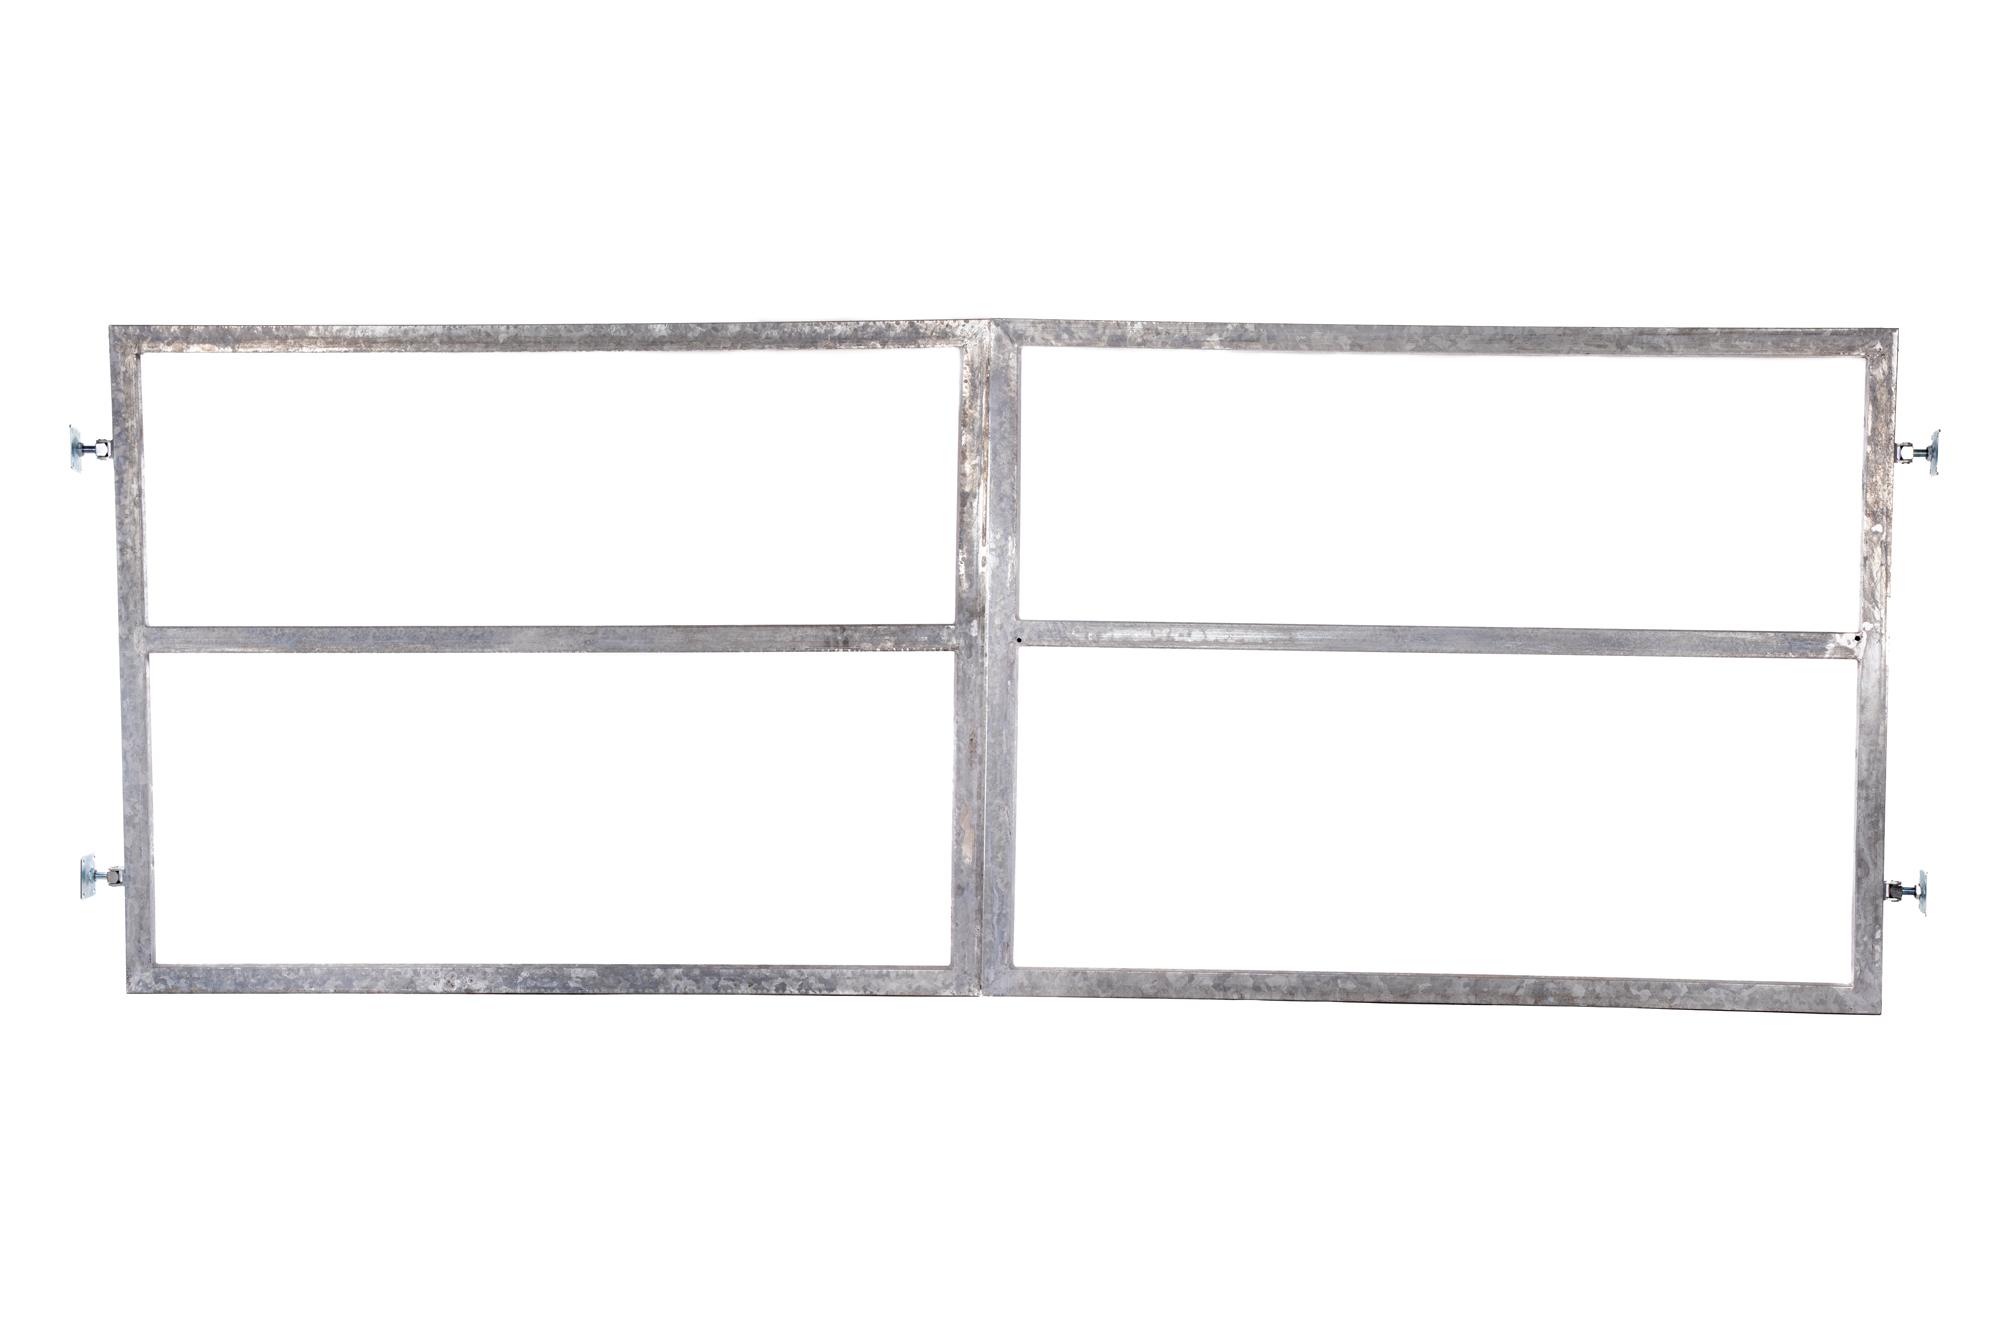 Rám brány pro vlastní výplň v. 1500 mm bez kování, s příčníkem pro pohon balení PLOTY | 4Kg